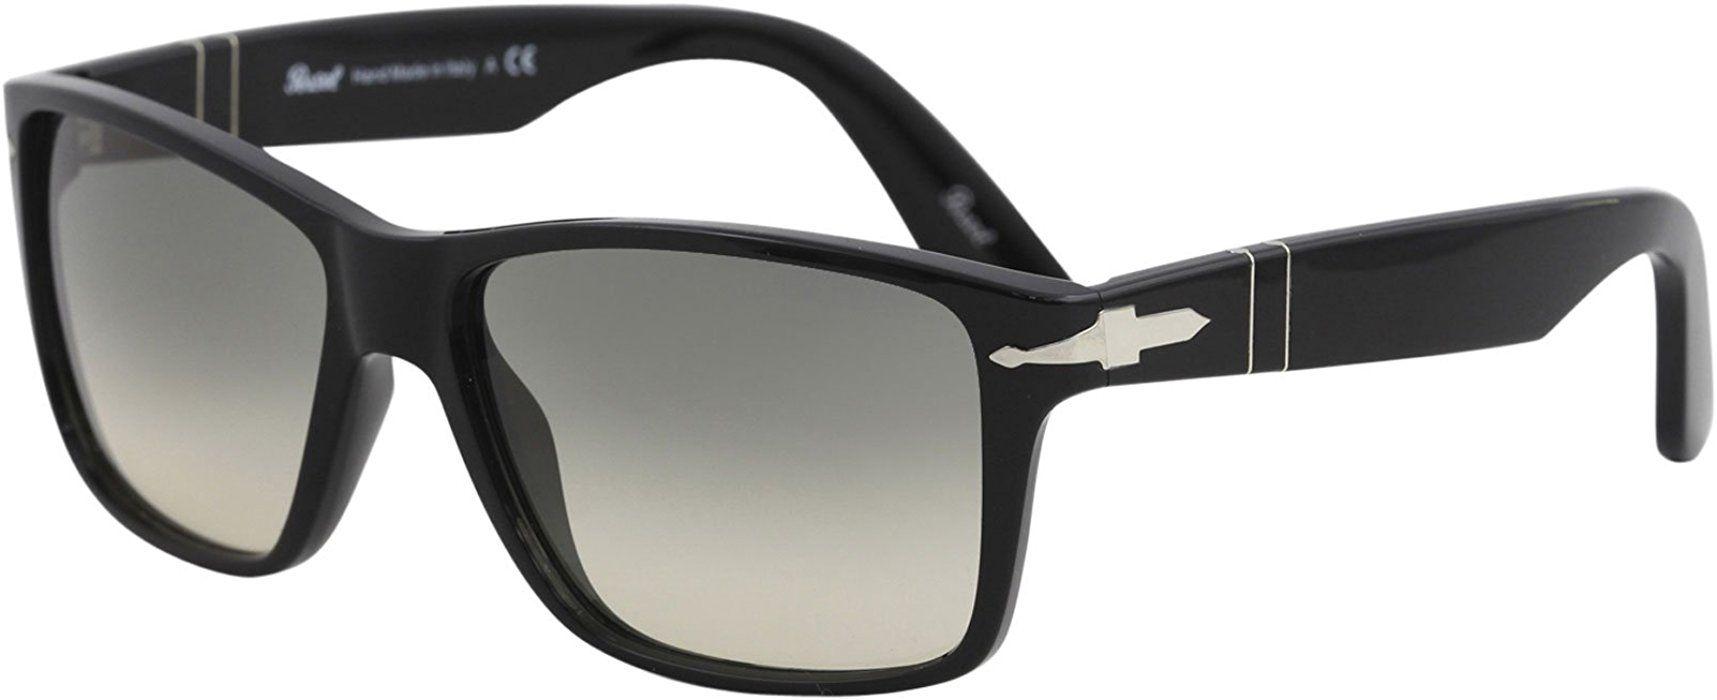 cc138c8bf6 Amazon.com  Persol Mens Sunglasses Black Grey Plastic - Non-Polarized -